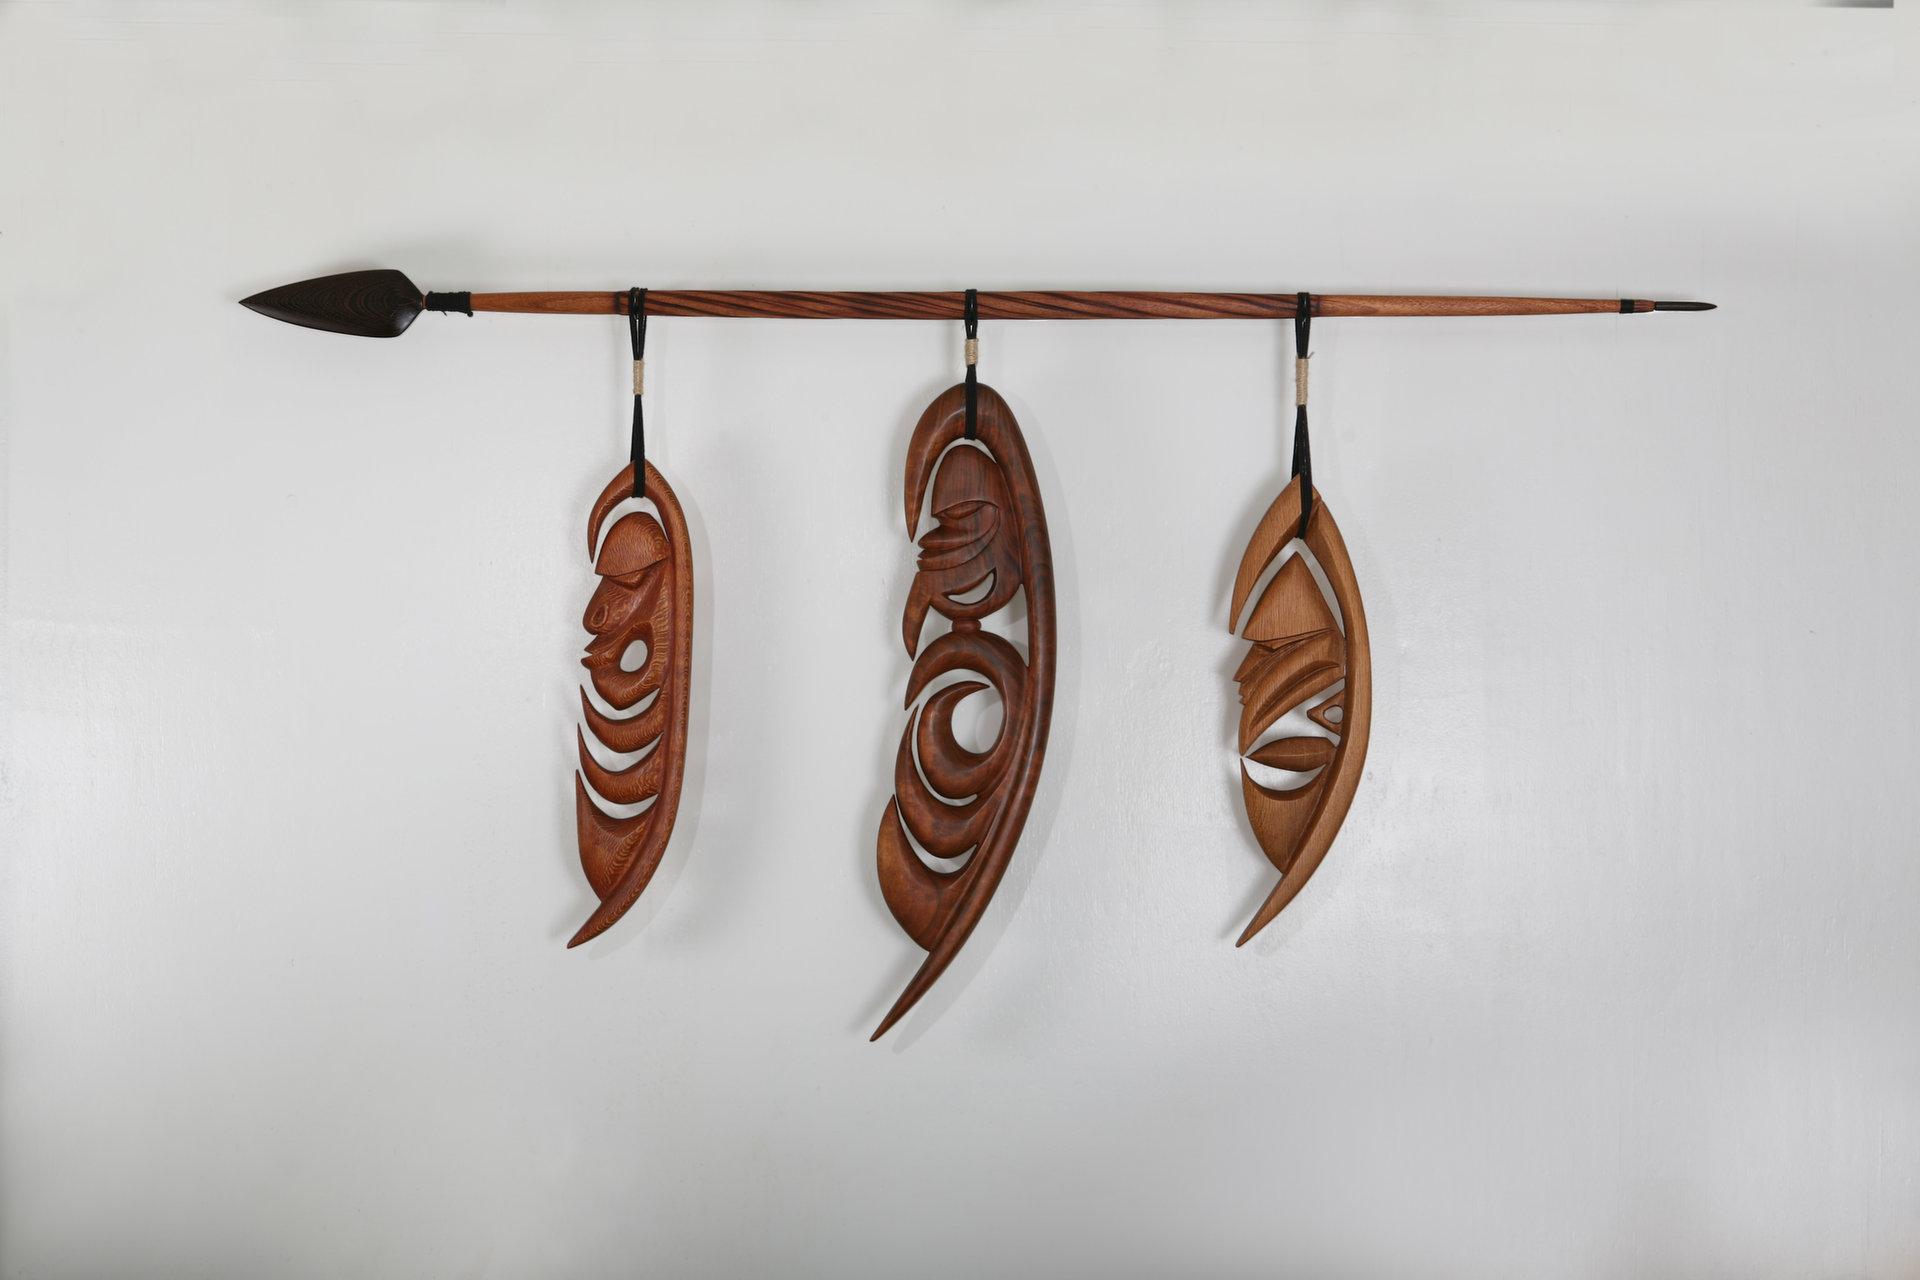 Hanging Yipwon Spirit Figures